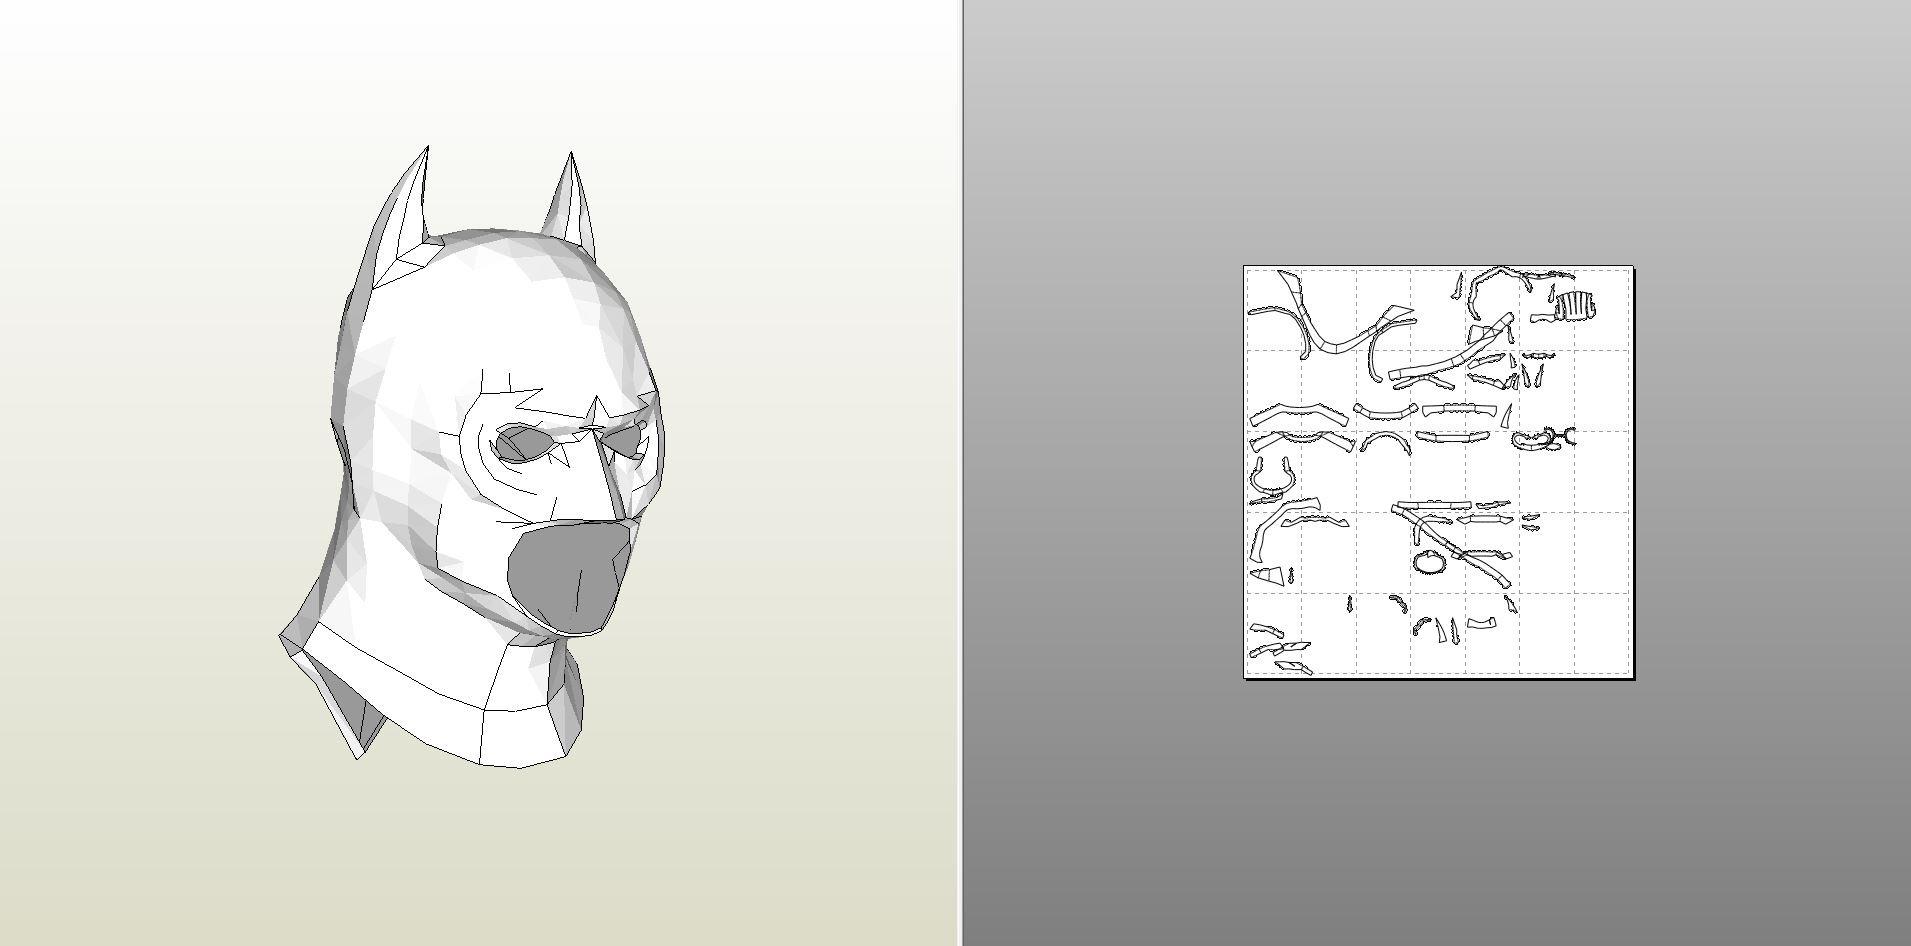 papercraft pdo file template for batman desert storm full armor